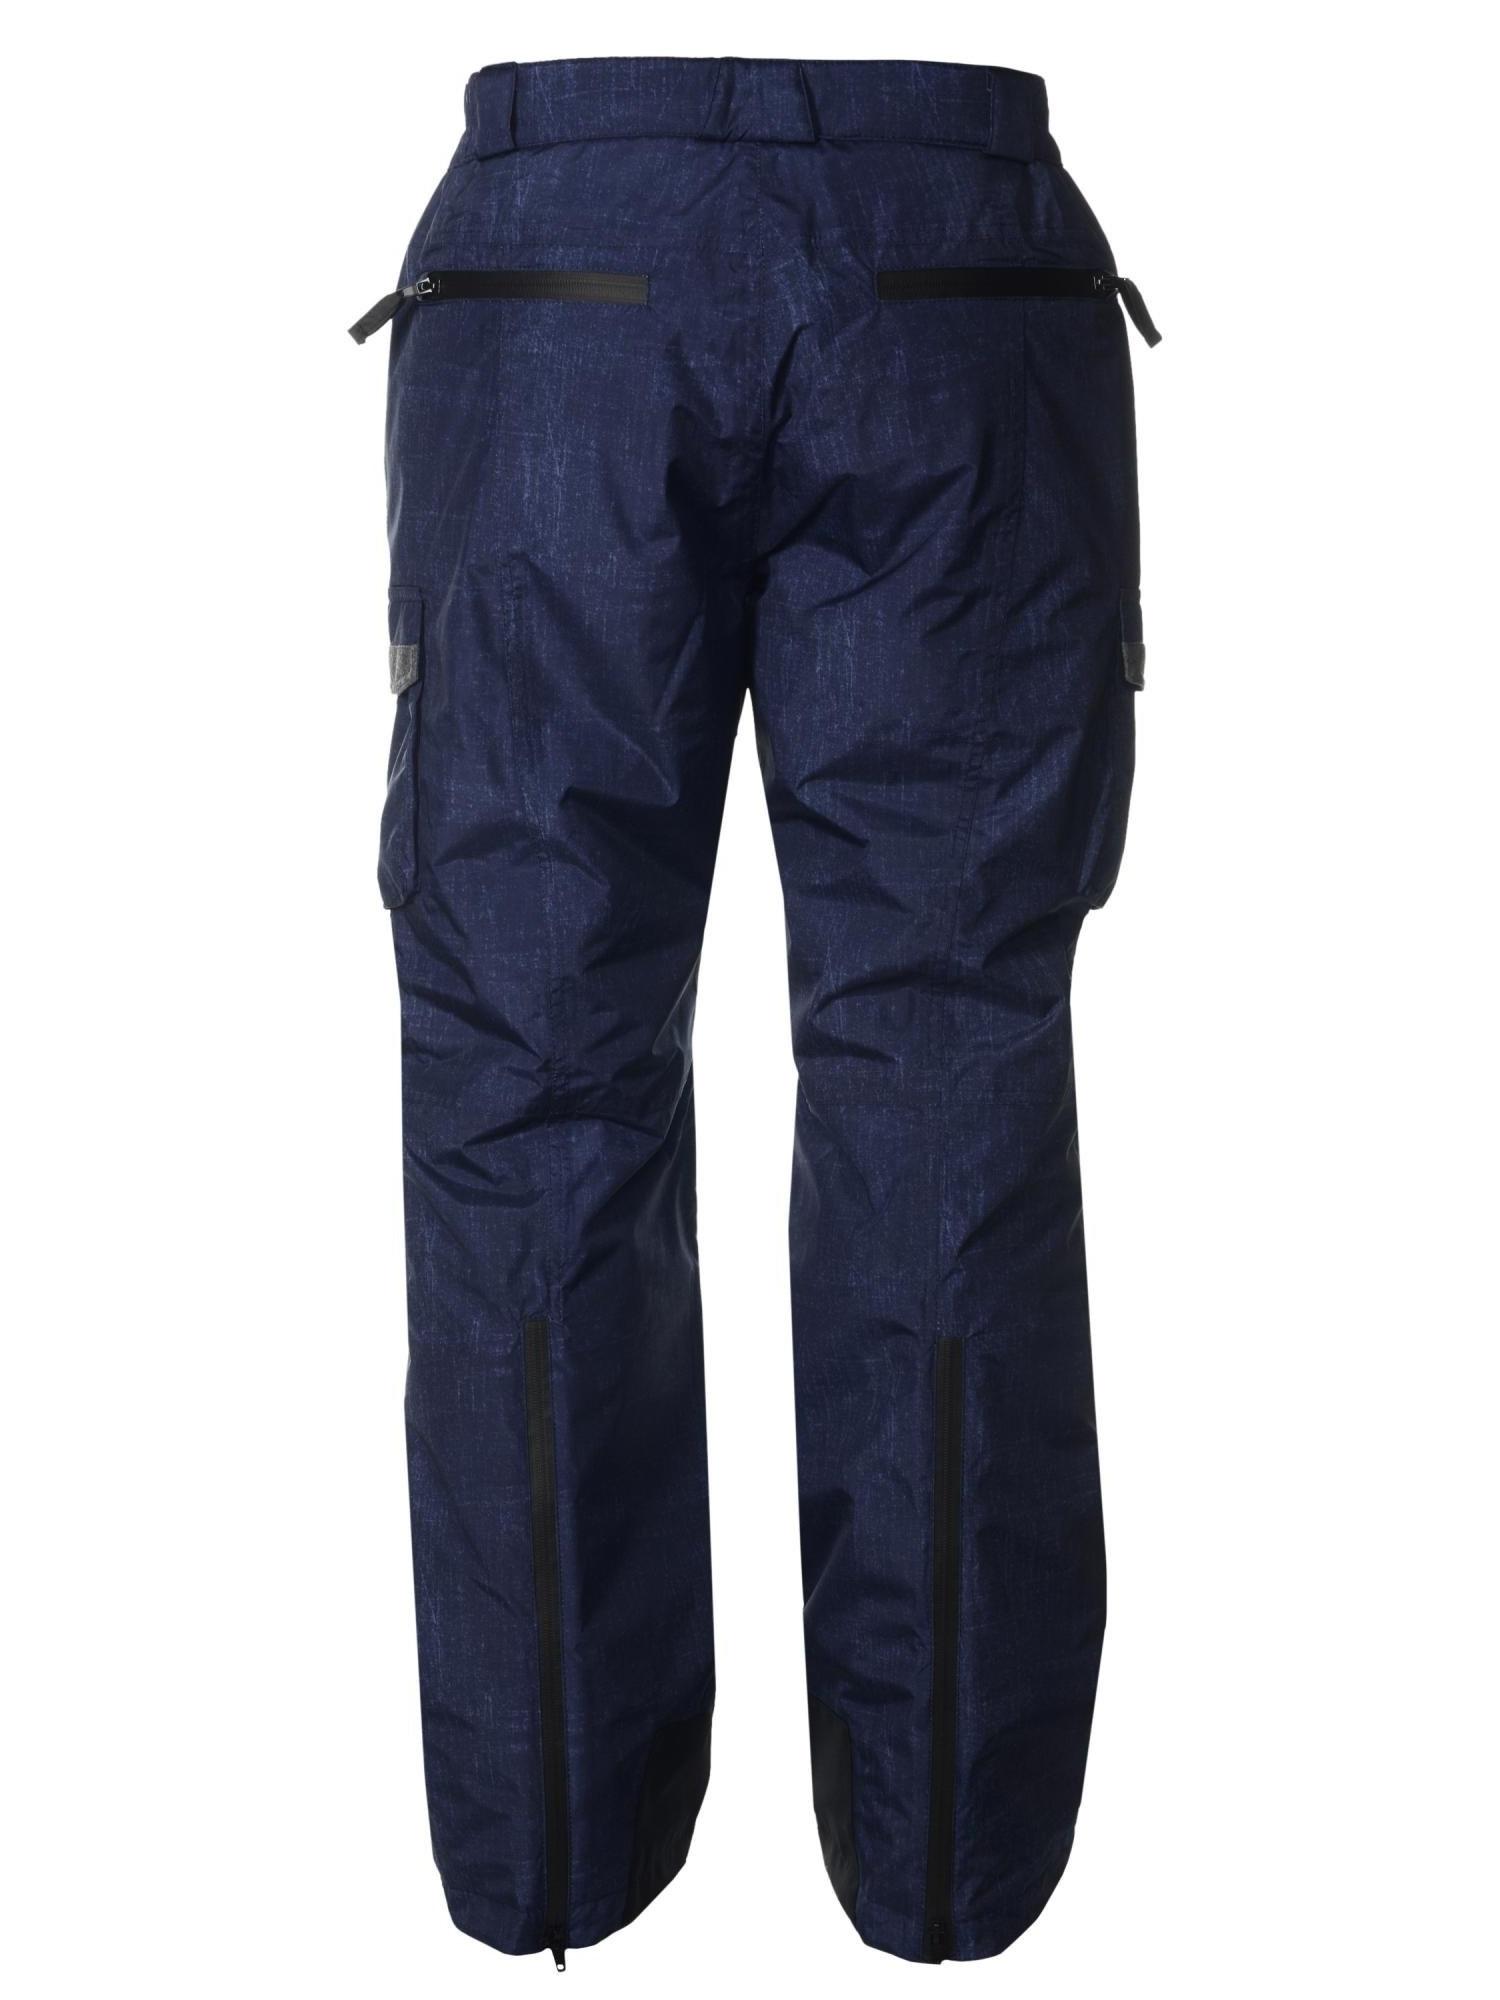 Мужская горнолыжная одежда Almrausch Steinpass-Hochbruck 320109-321300 - фото